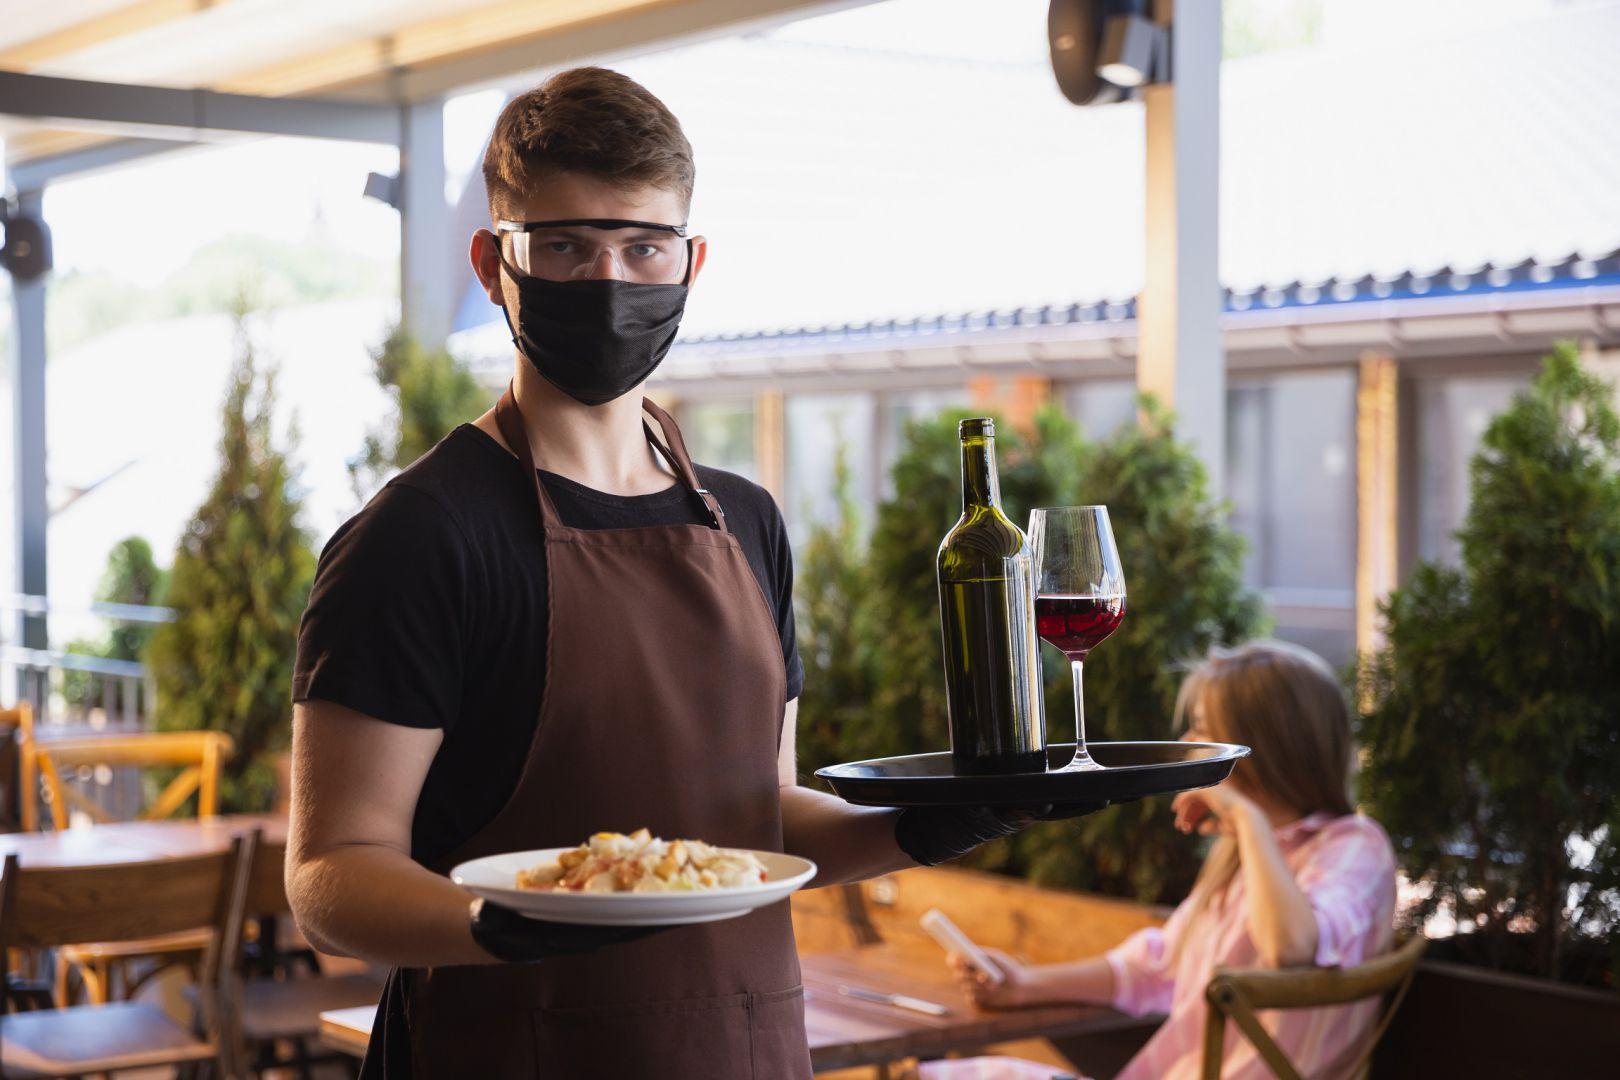 Buscan que se pueda usar parte de las calles para que se amplíen los locales gastronómicos